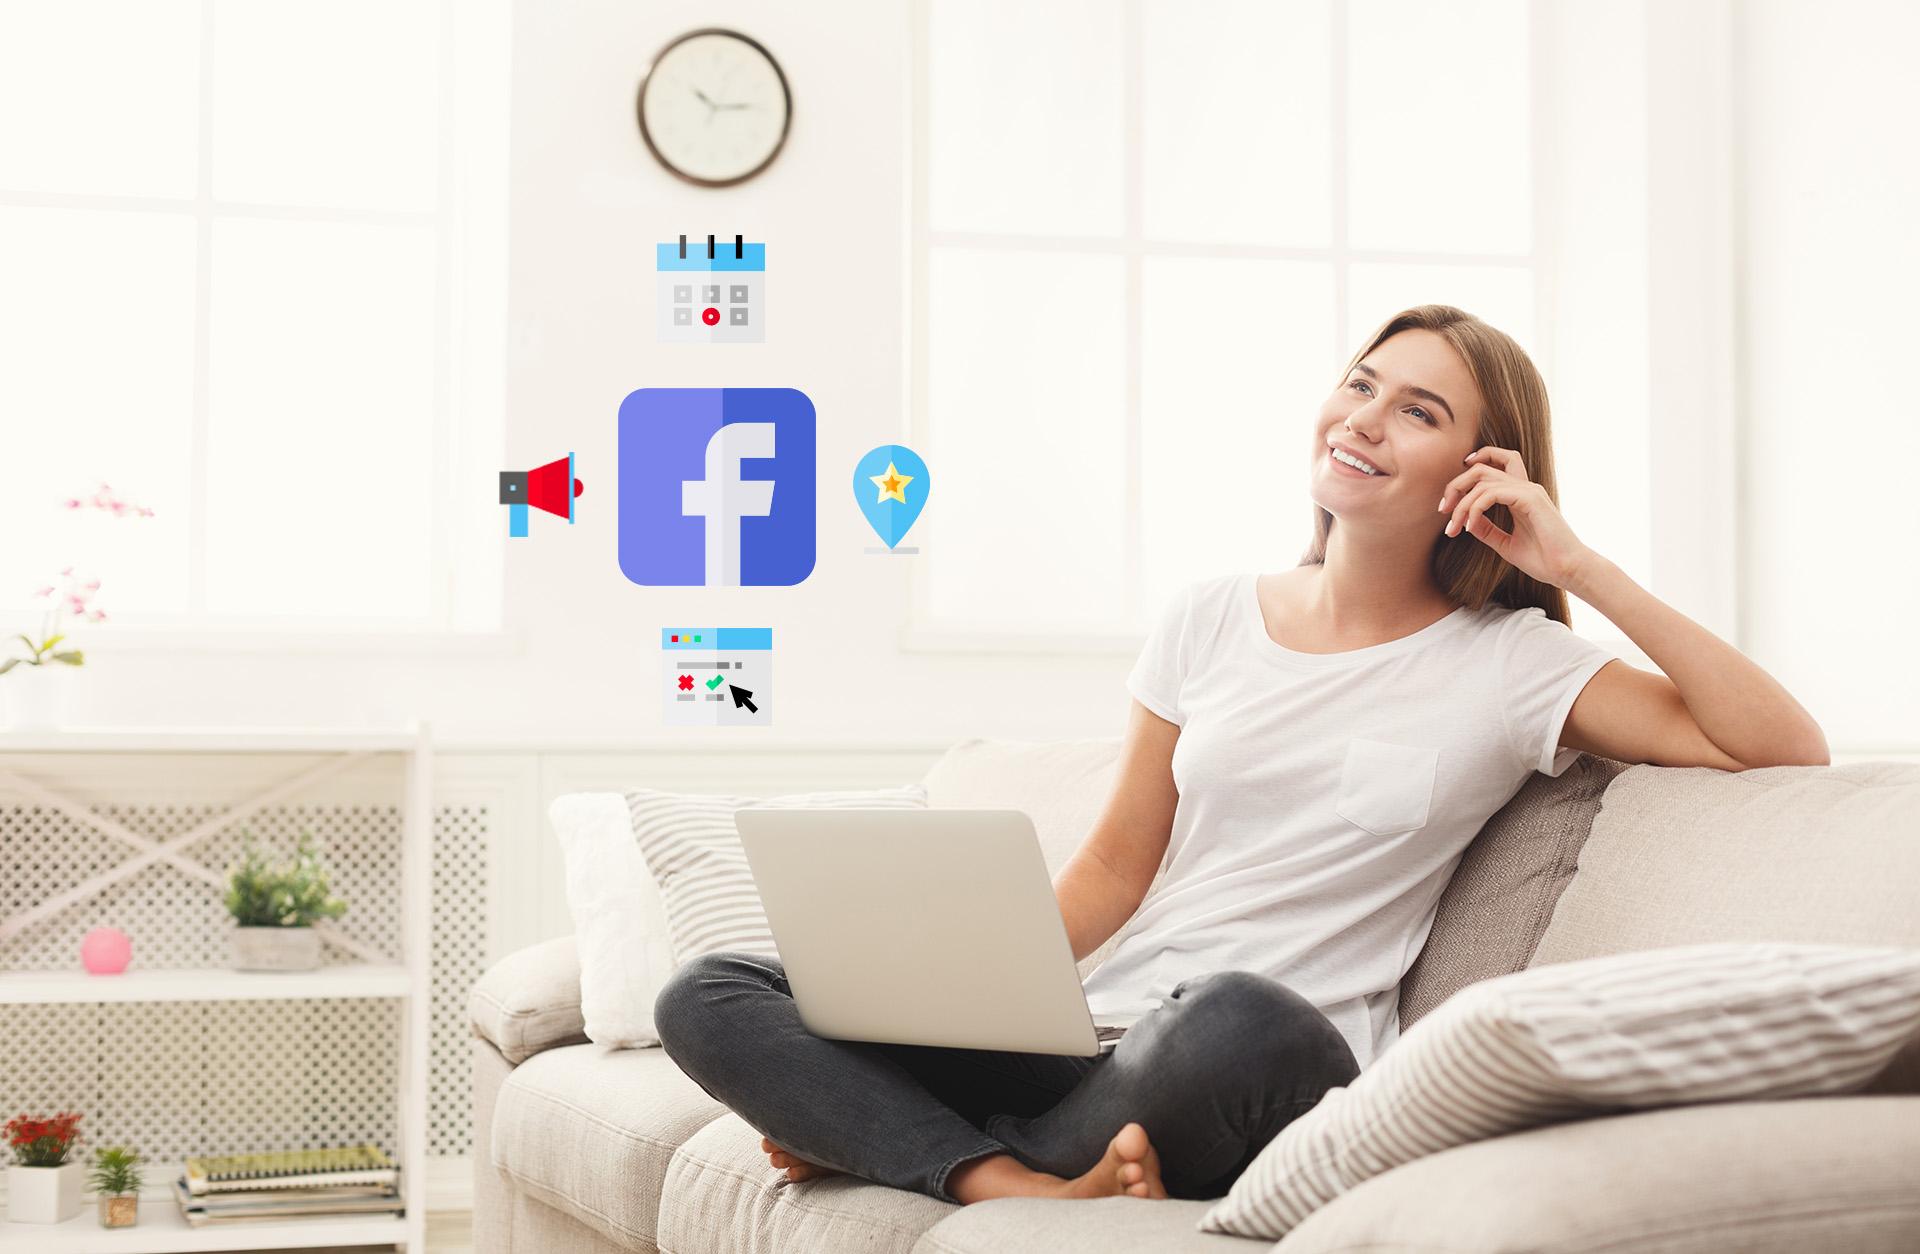 e11424ae40da02 Jak stworzyć wydarzenie na Facebooku? - Agencja marketingowa Convertio